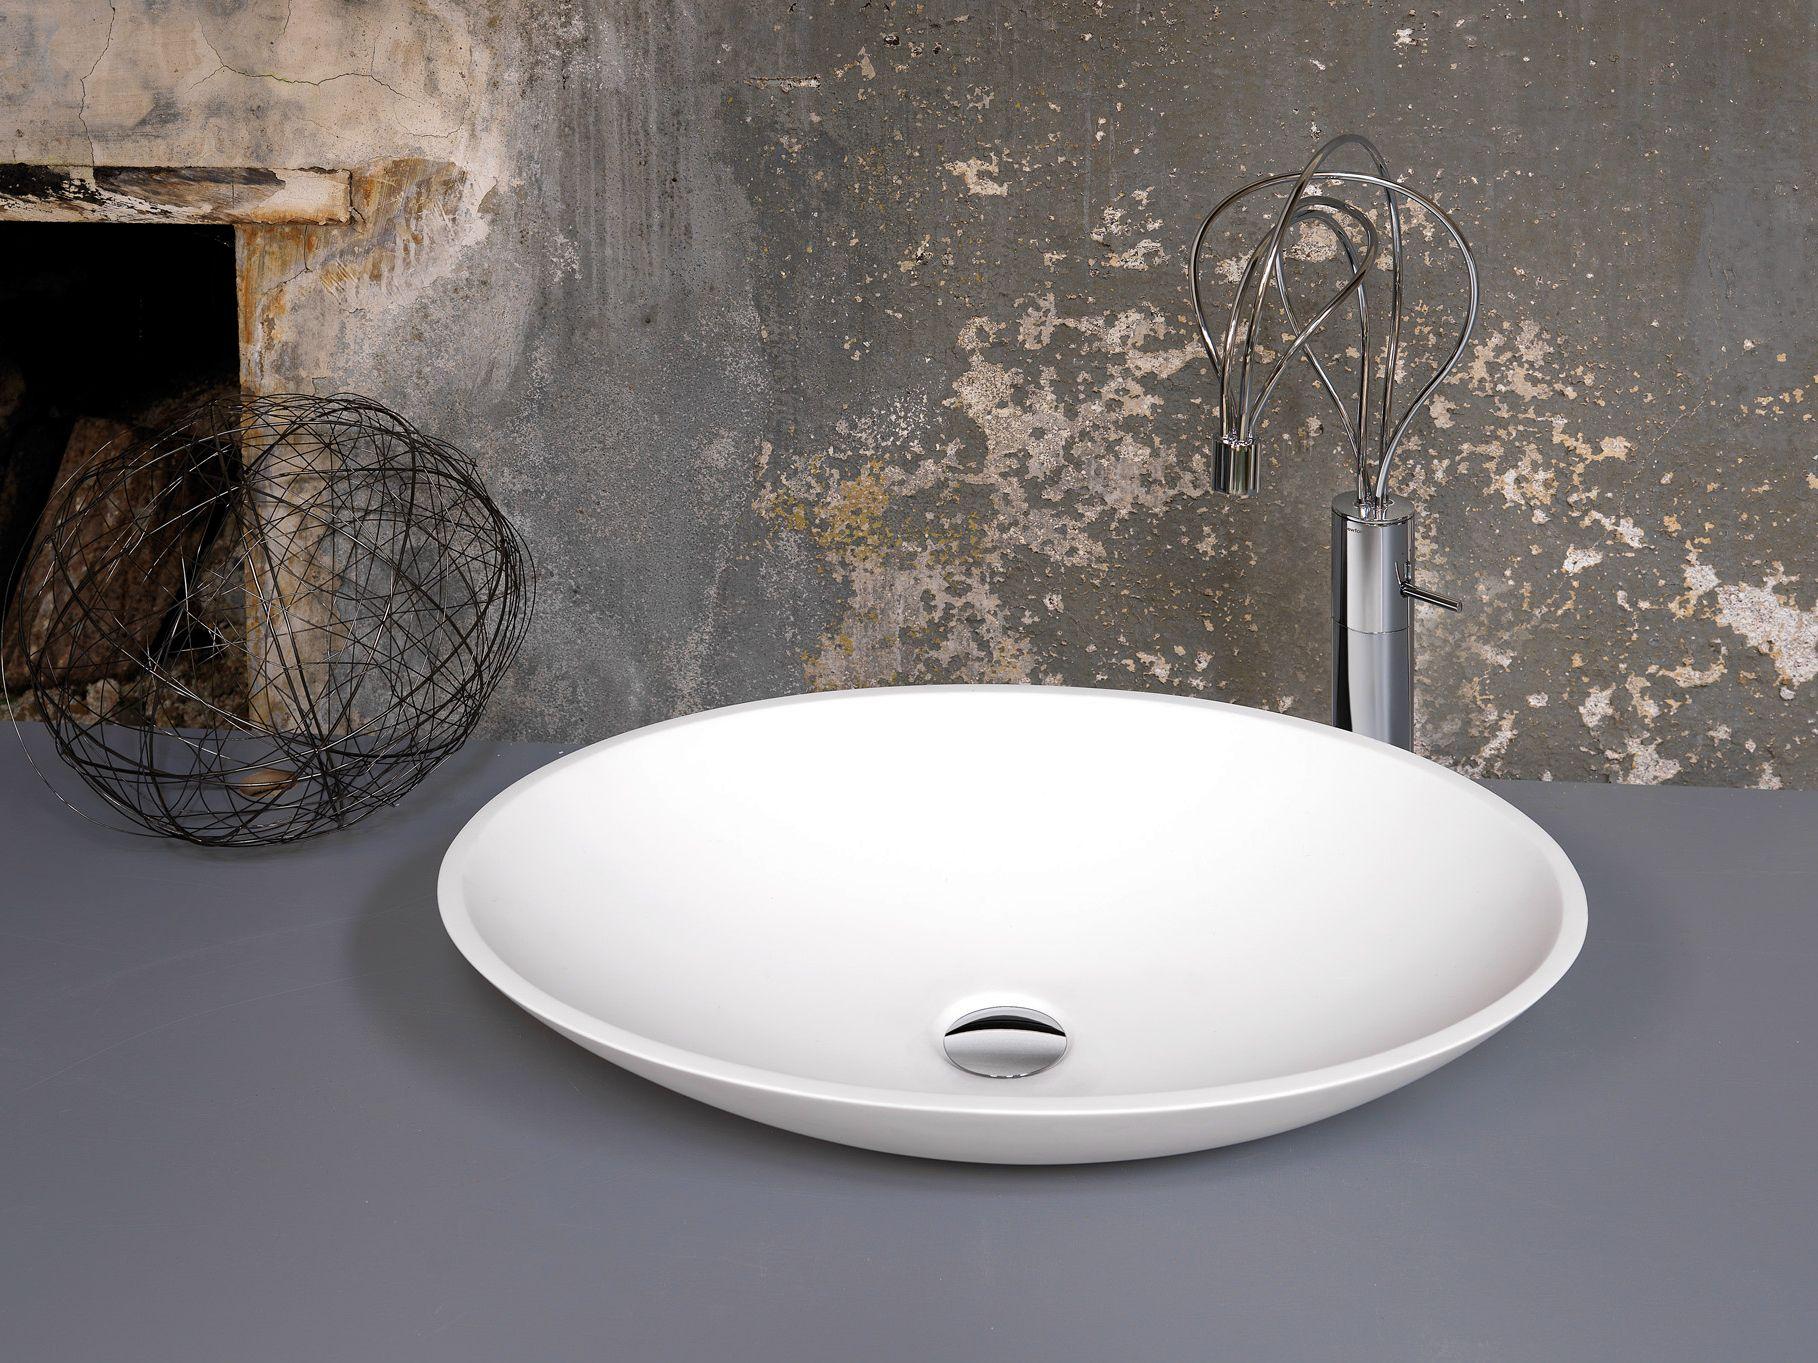 Lavello Bagno Da Appoggio casa moderna, roma italy: lavabo da appoggio ovale